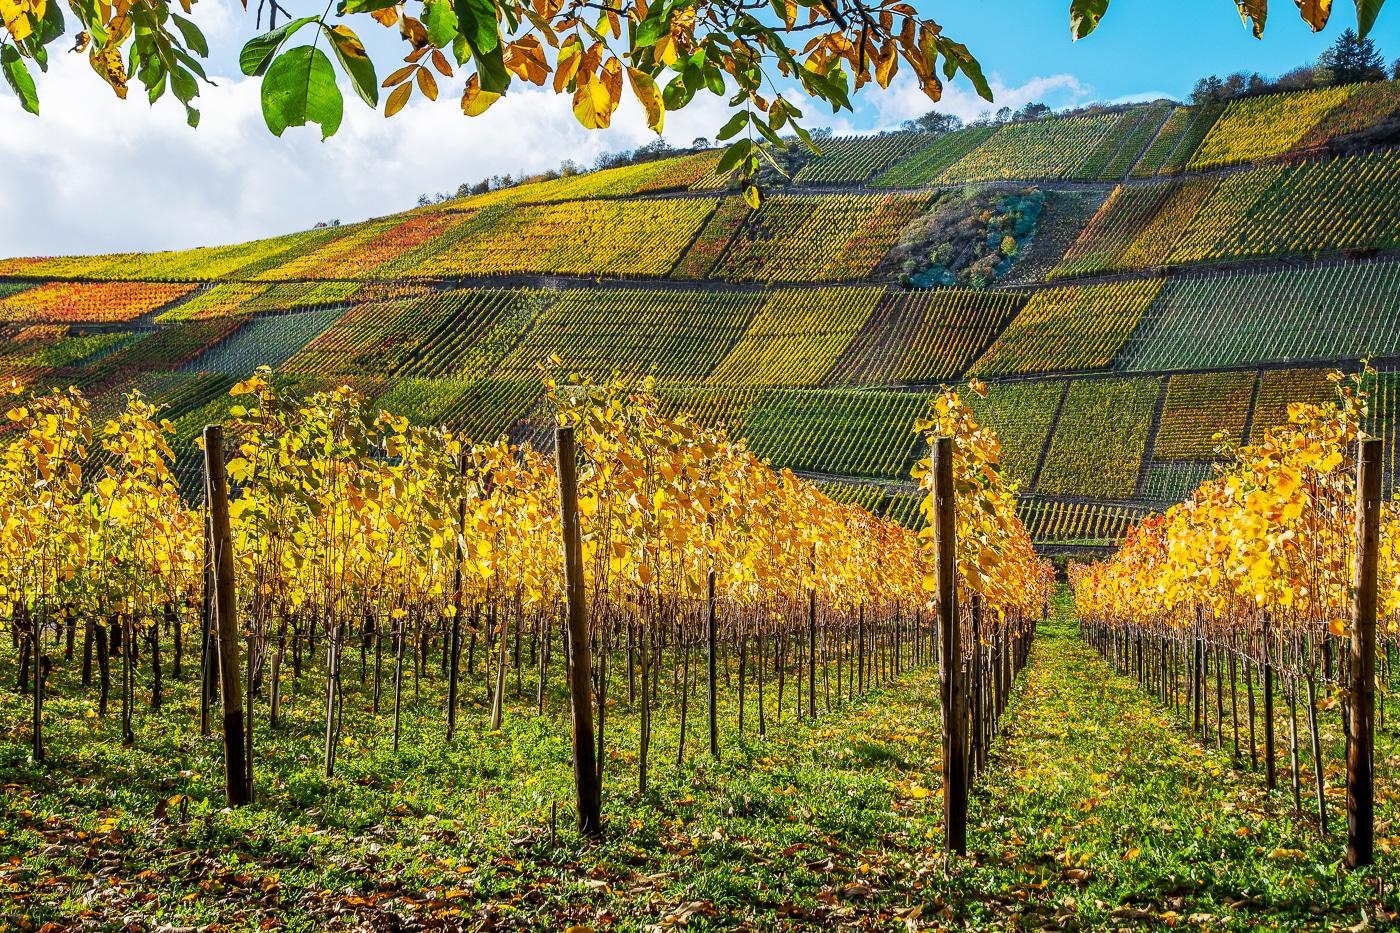 Wineyard Harvest | © Roland Gras